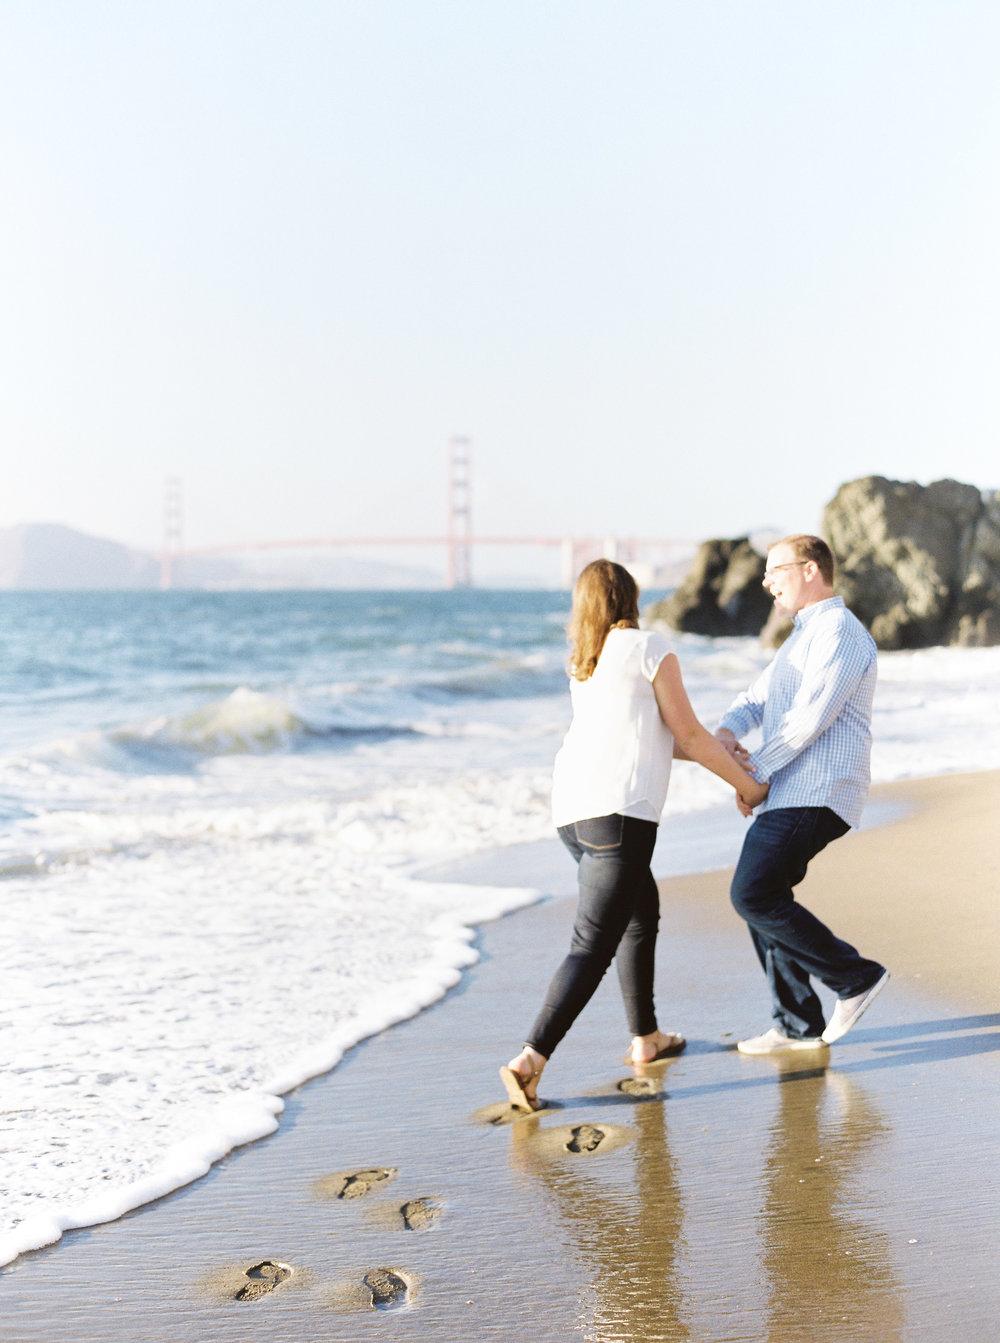 China-beach-engagement-photography-53.jpg